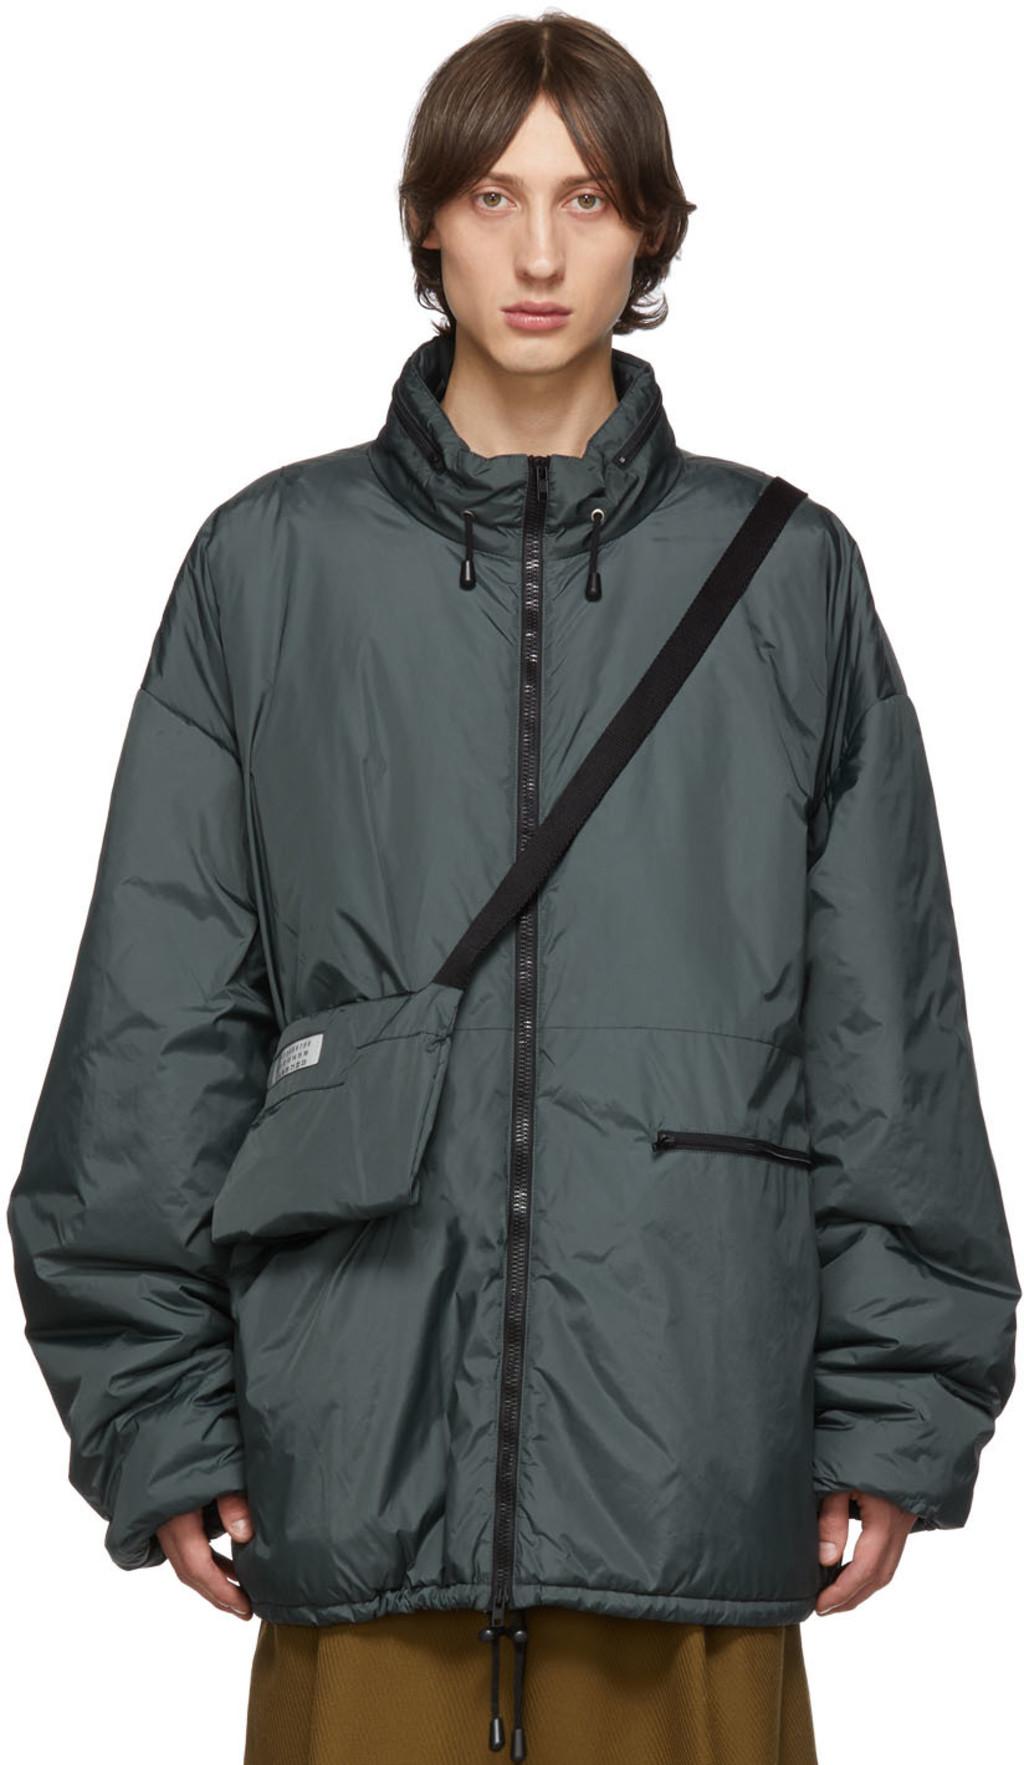 14c26a47d Grey Bum Bag Sports Jacket